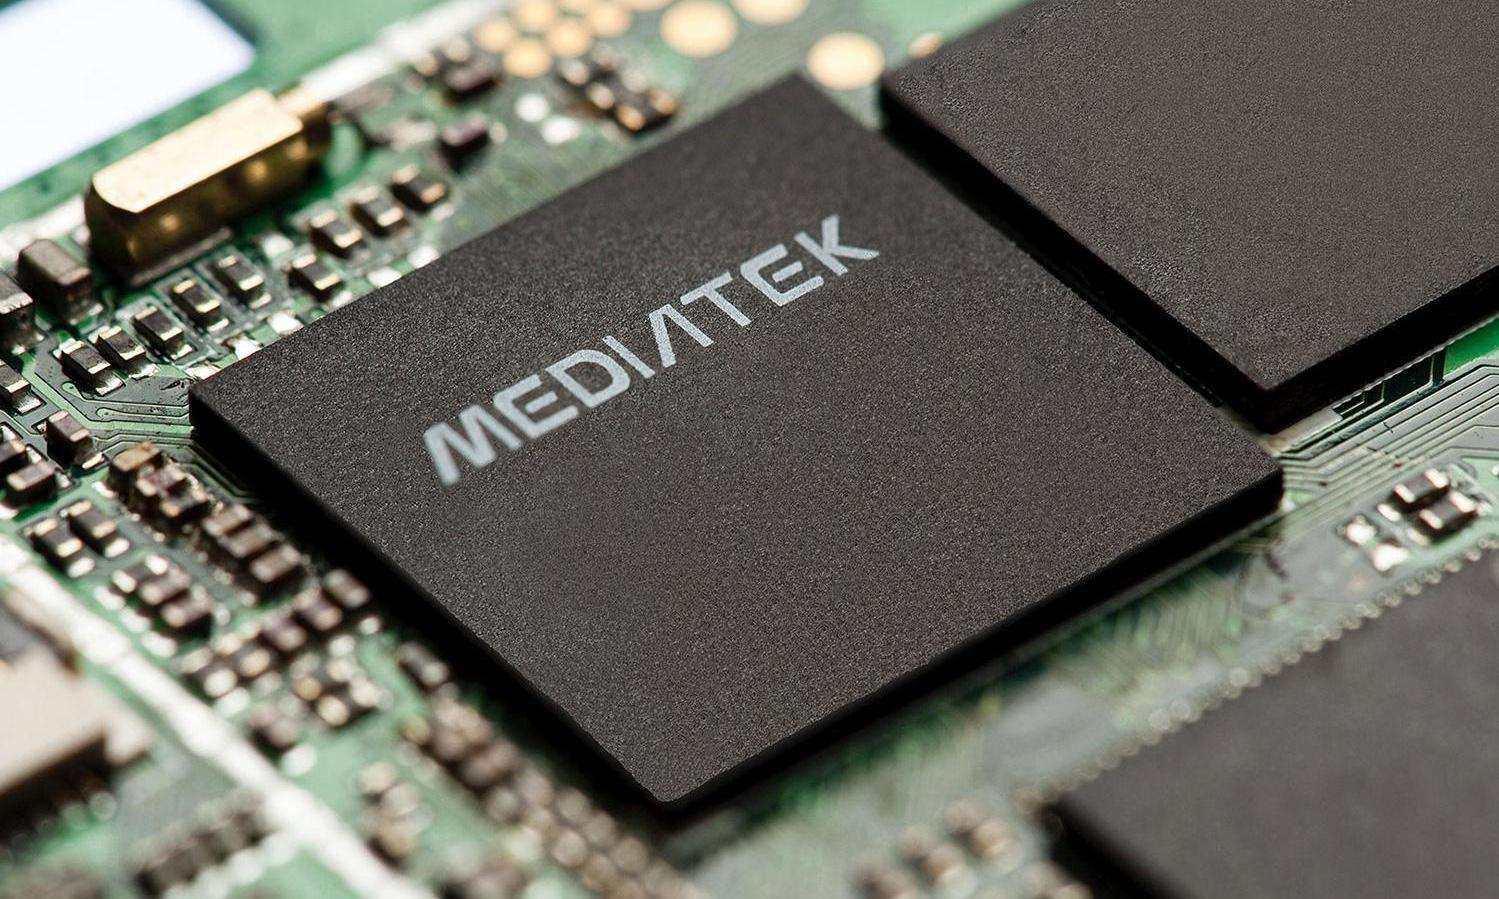 联发科S系列、F系列电视芯片今年上市 定位不同智能电视产品